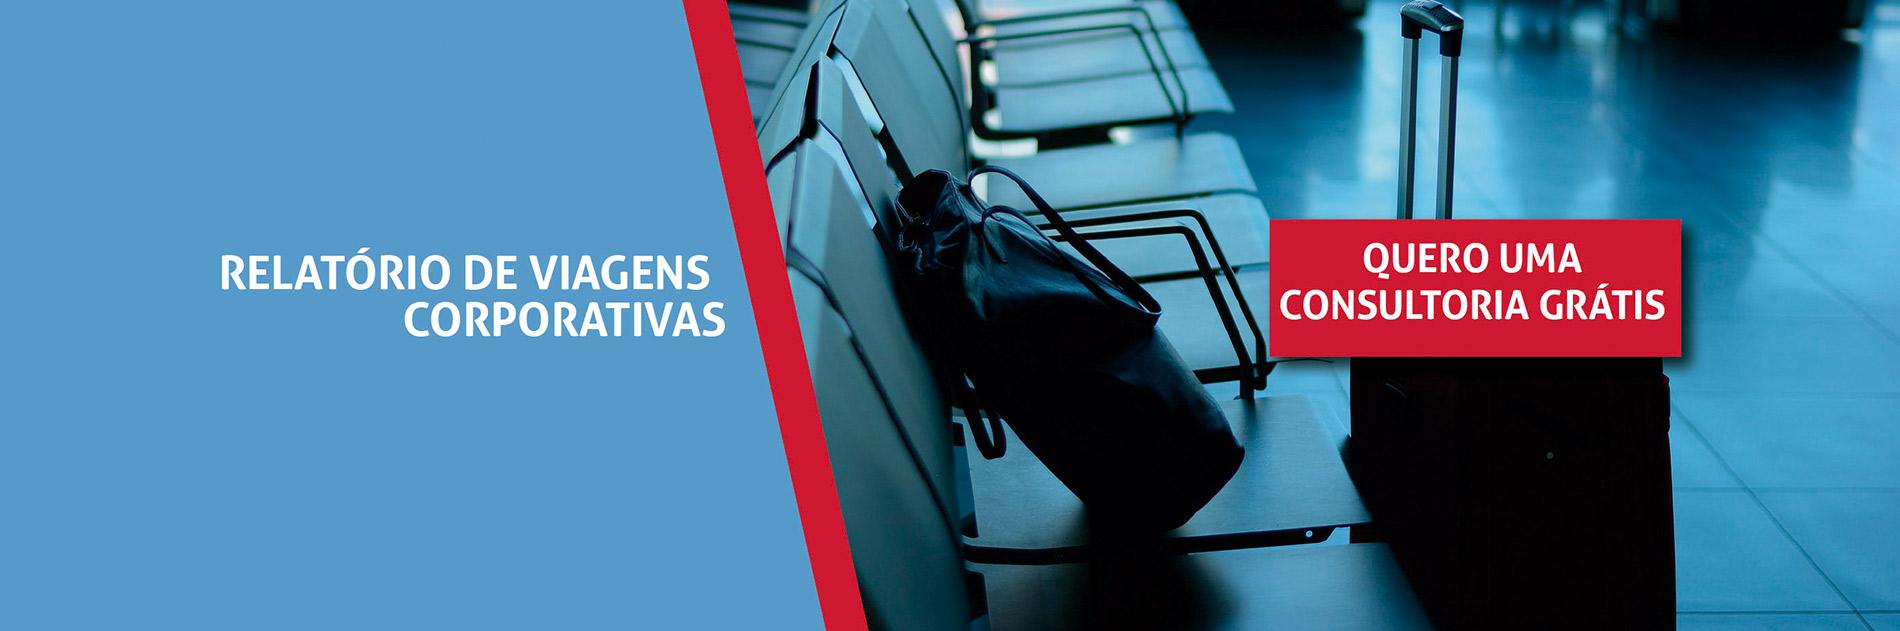 Relatório de Viagens Corporativas